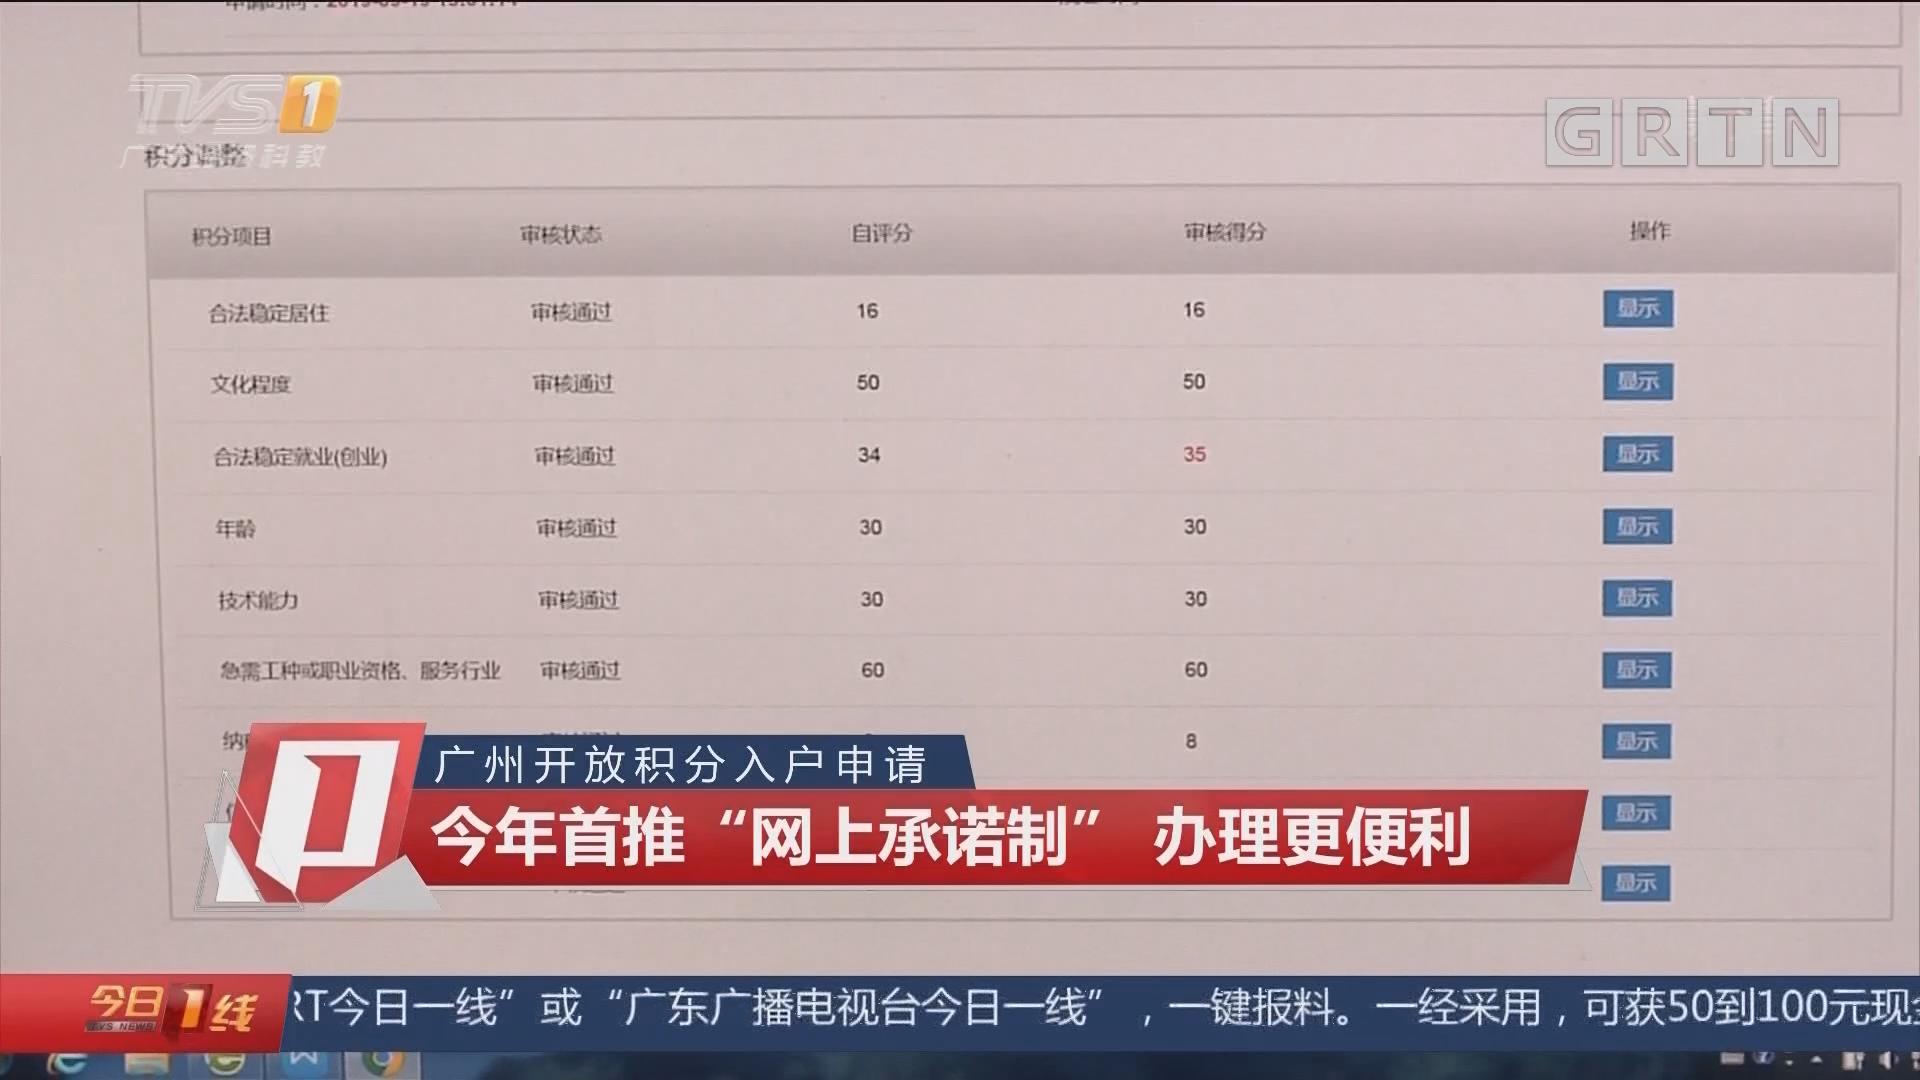 """广州开放积分入户申请 今年首推""""网上承诺制"""" 办理更便利"""